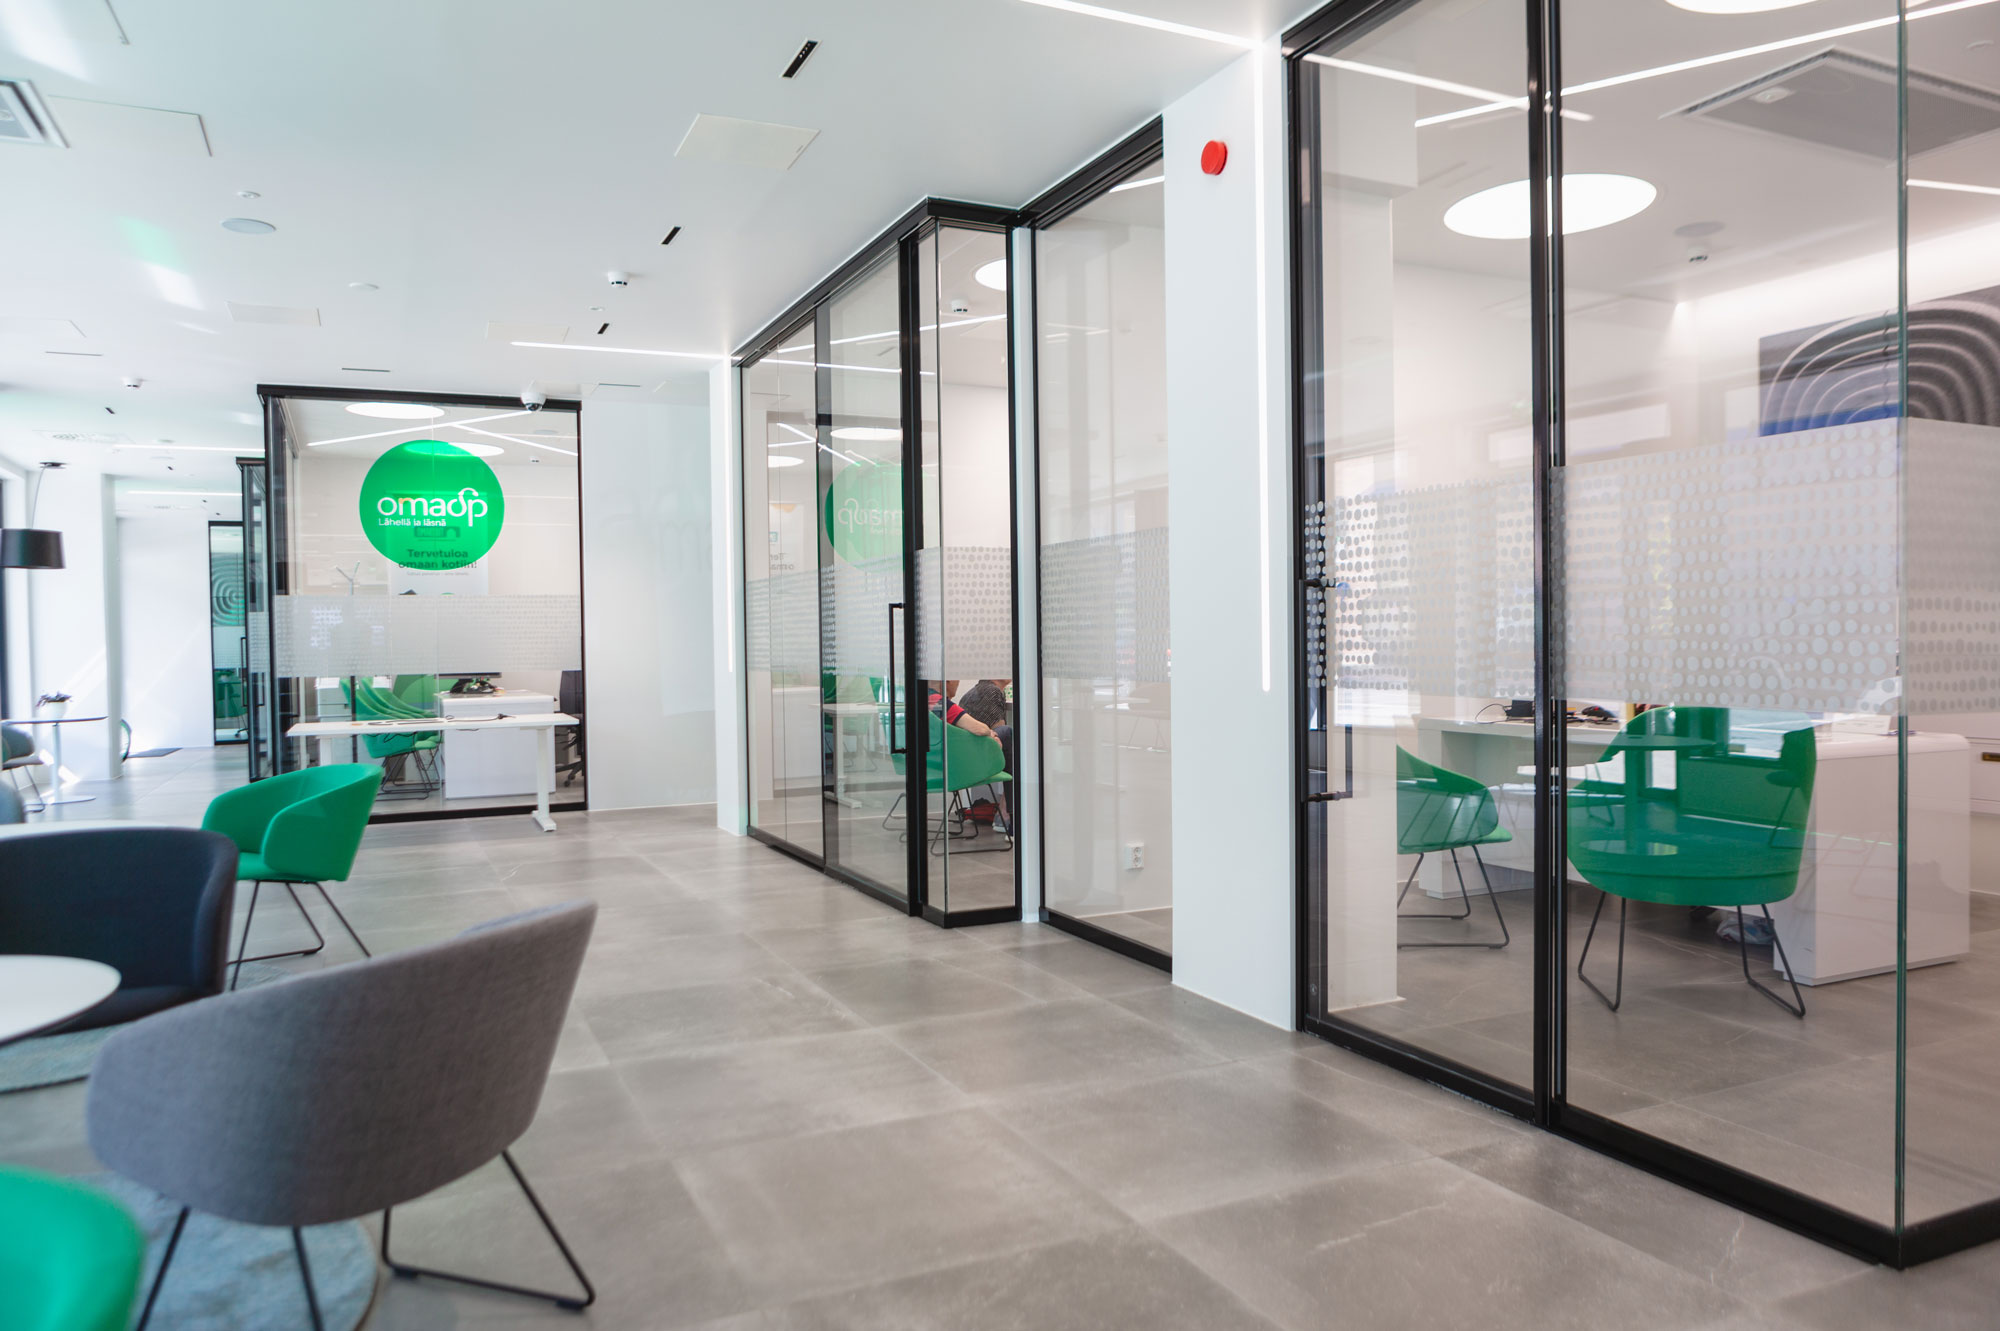 Scanmikael Office glass walls_Smart glass walls_OmaSP Seinäjoki, Finland